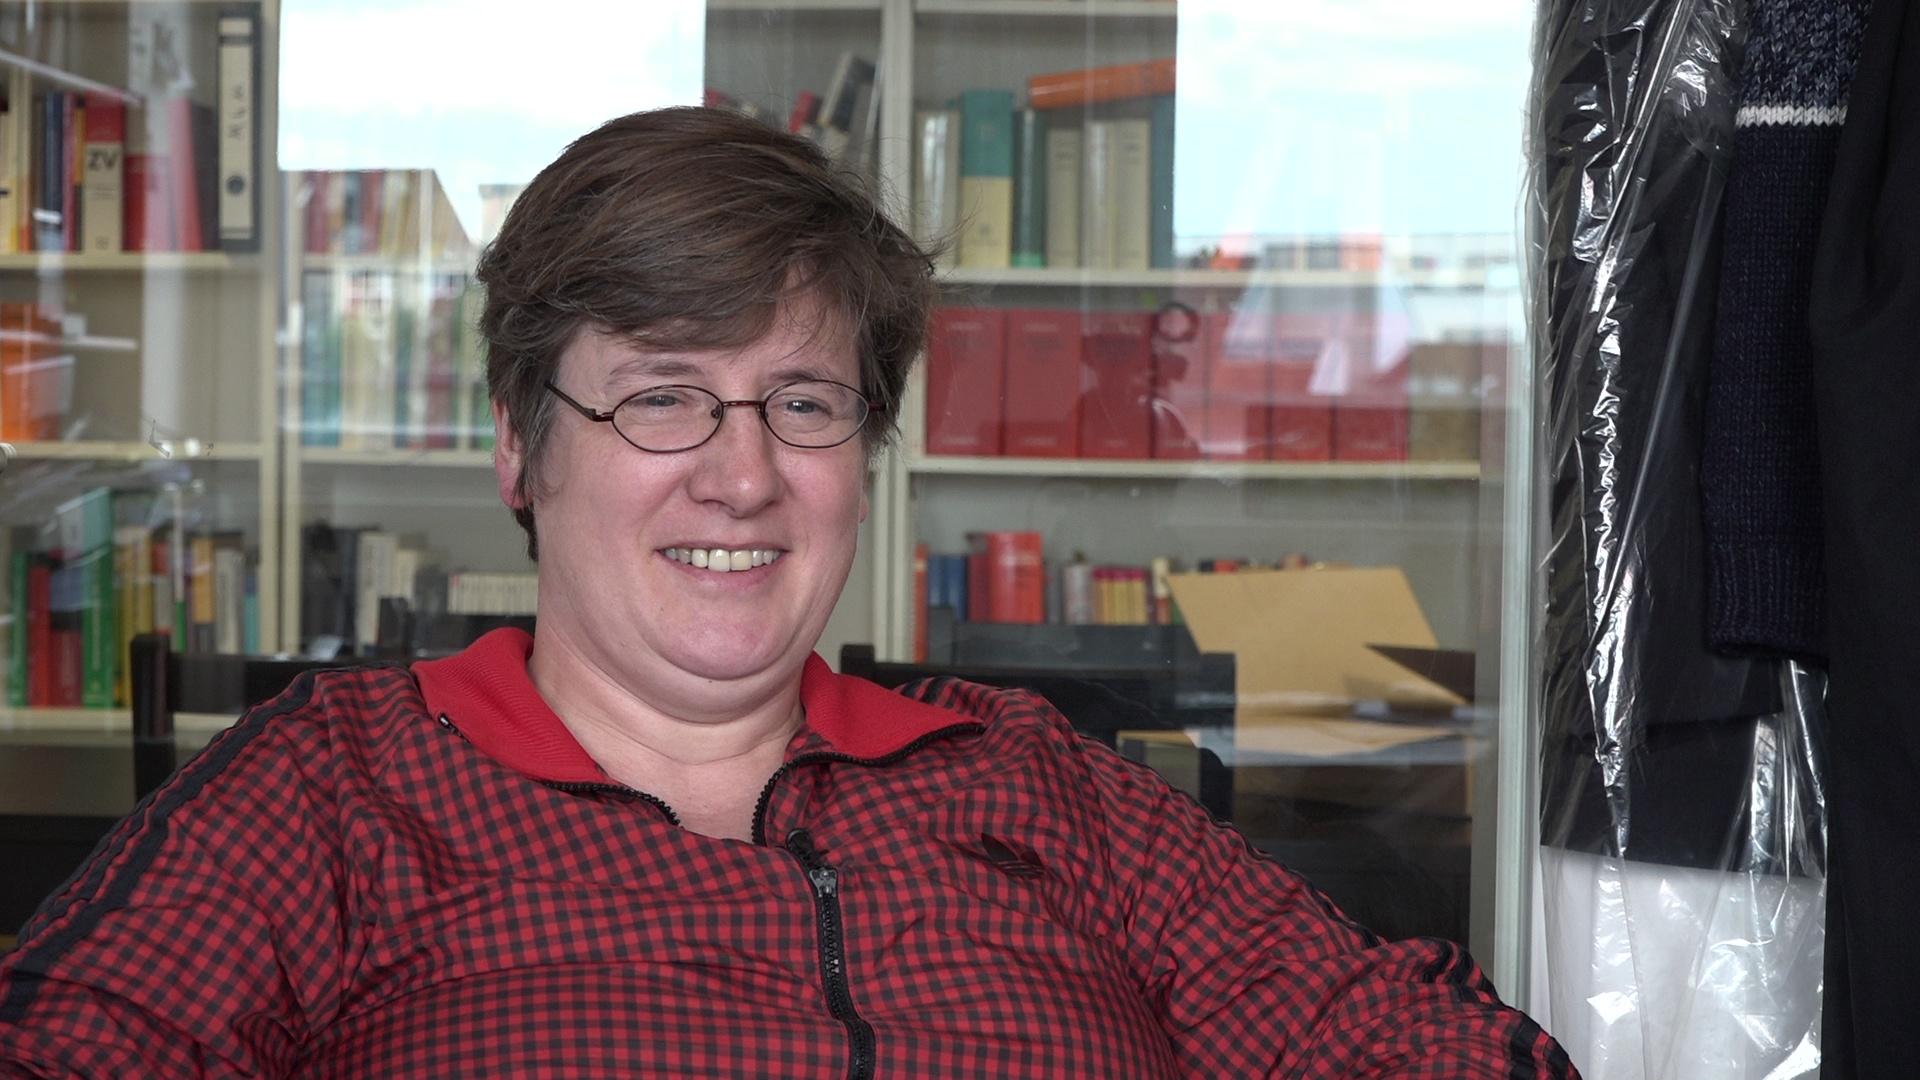 Anwalts-Notdienst beim G20 Gipfel, Britta Eder im dbate-Interview